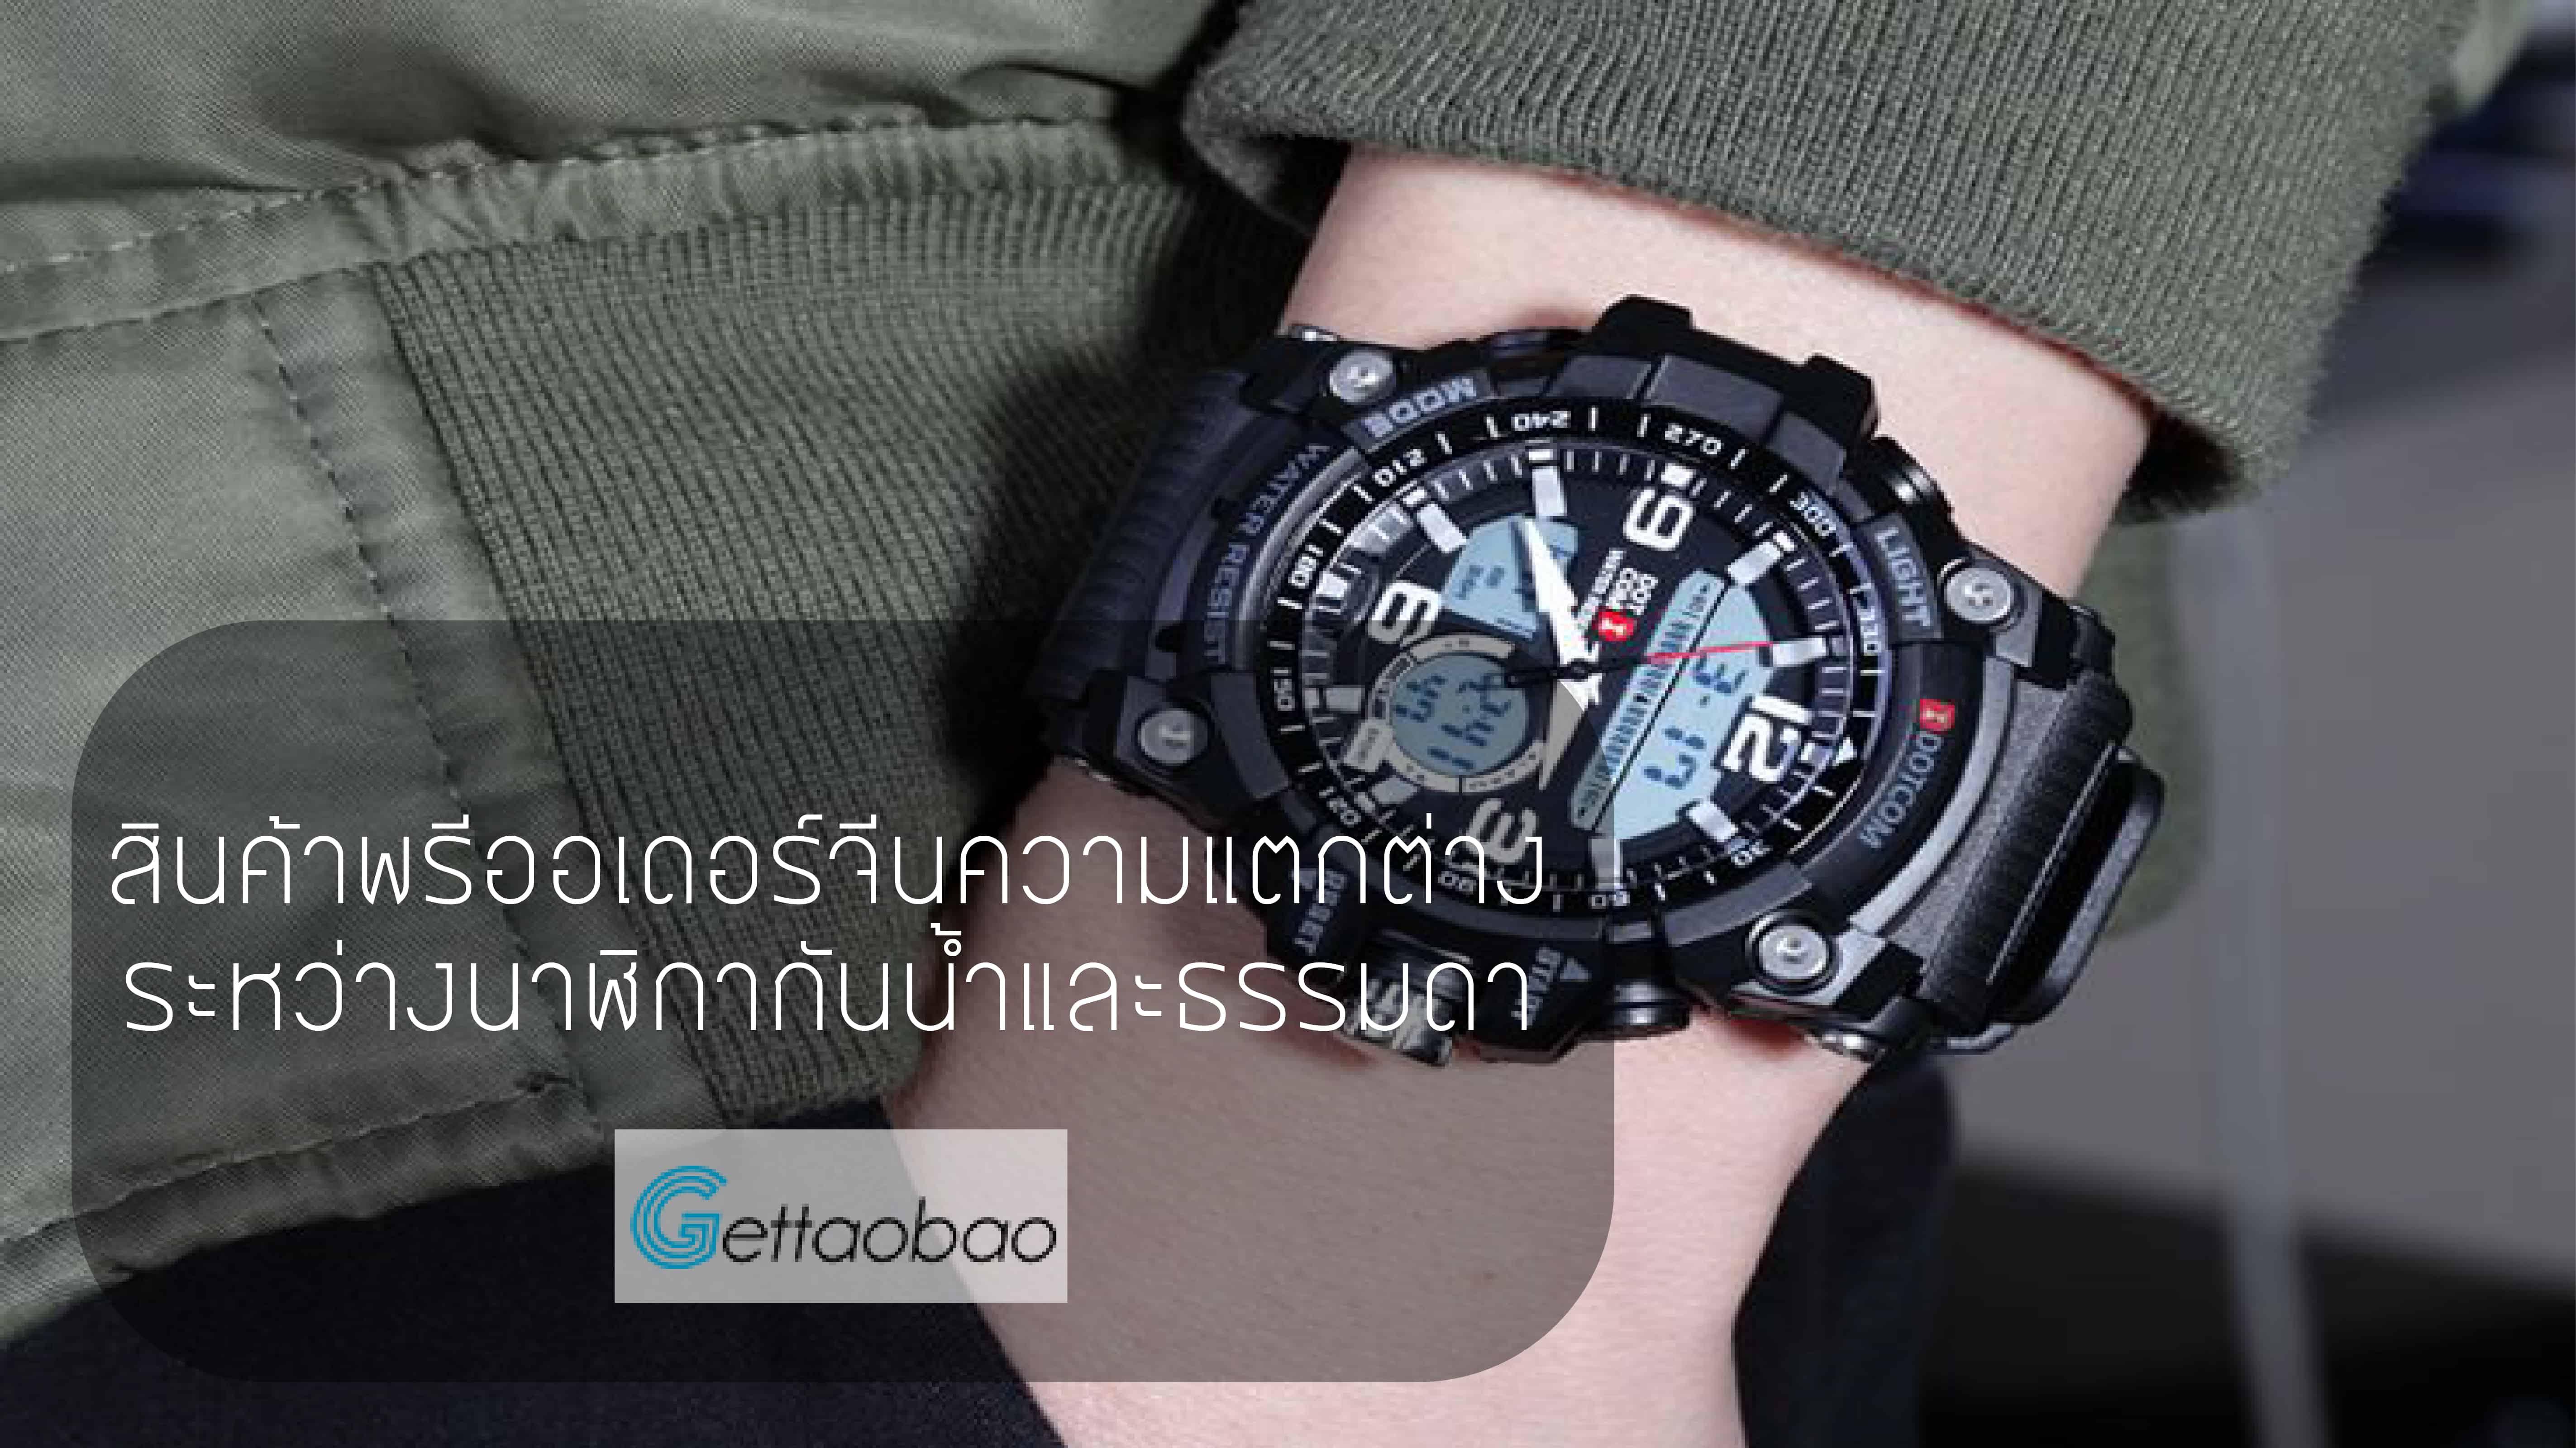 สินค้าพรีออเดอร์จีนความแตกต่างระหว่างนาฬิกากันน้ำและธรรมดา